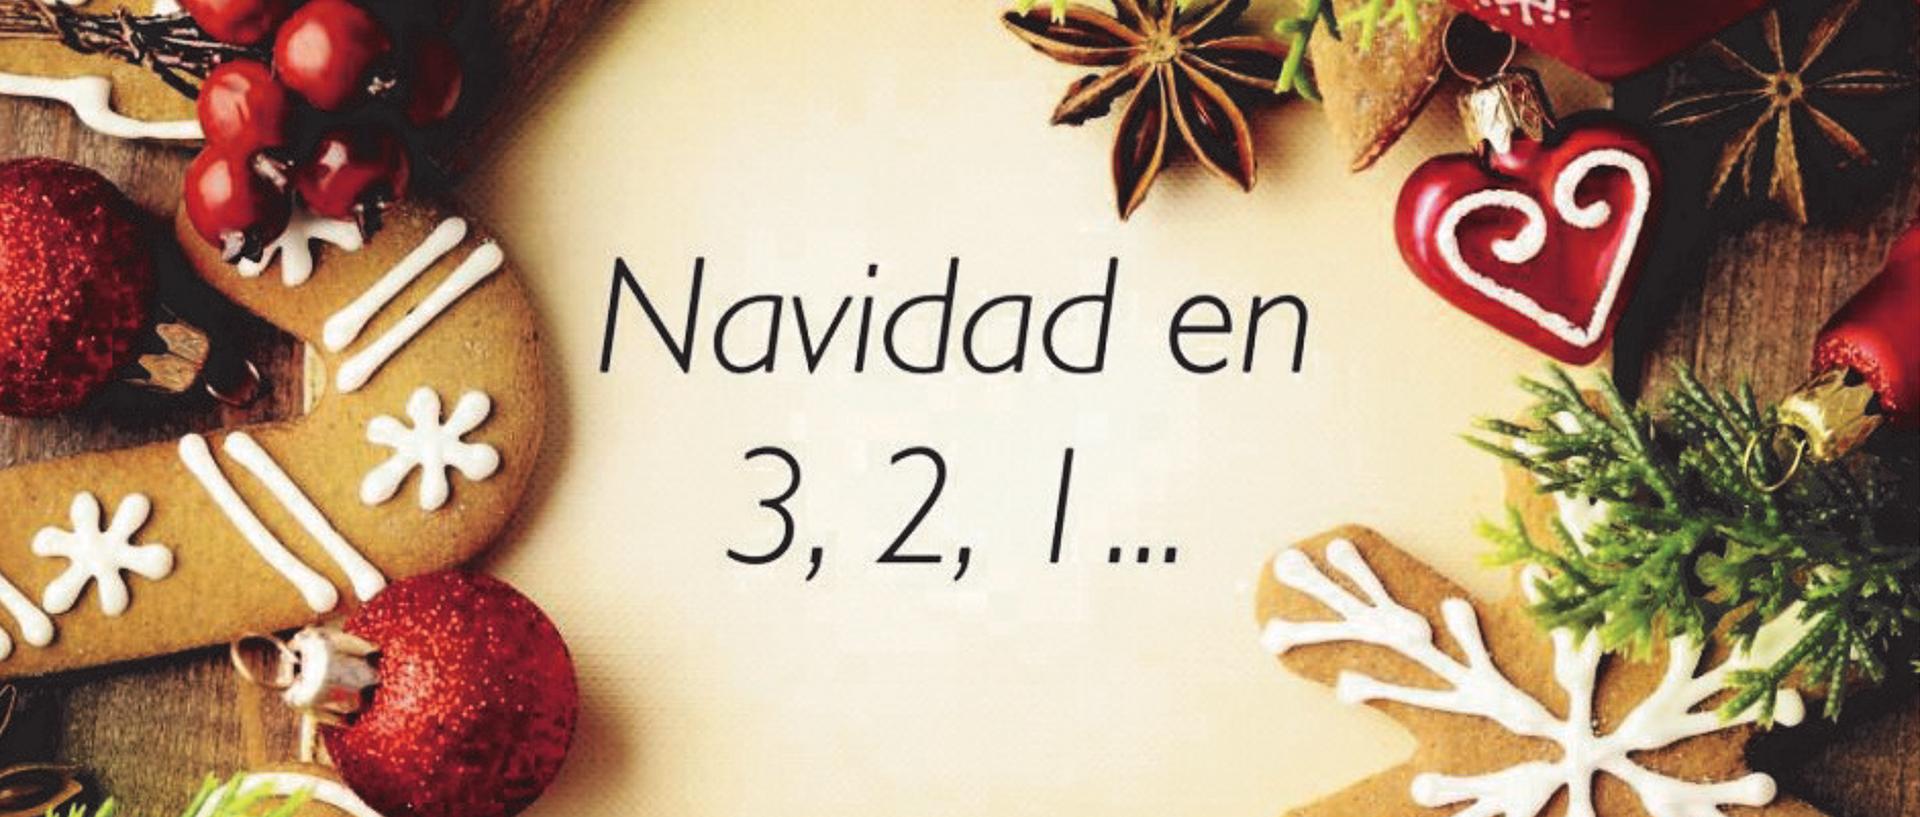 Gastro navidad (2)